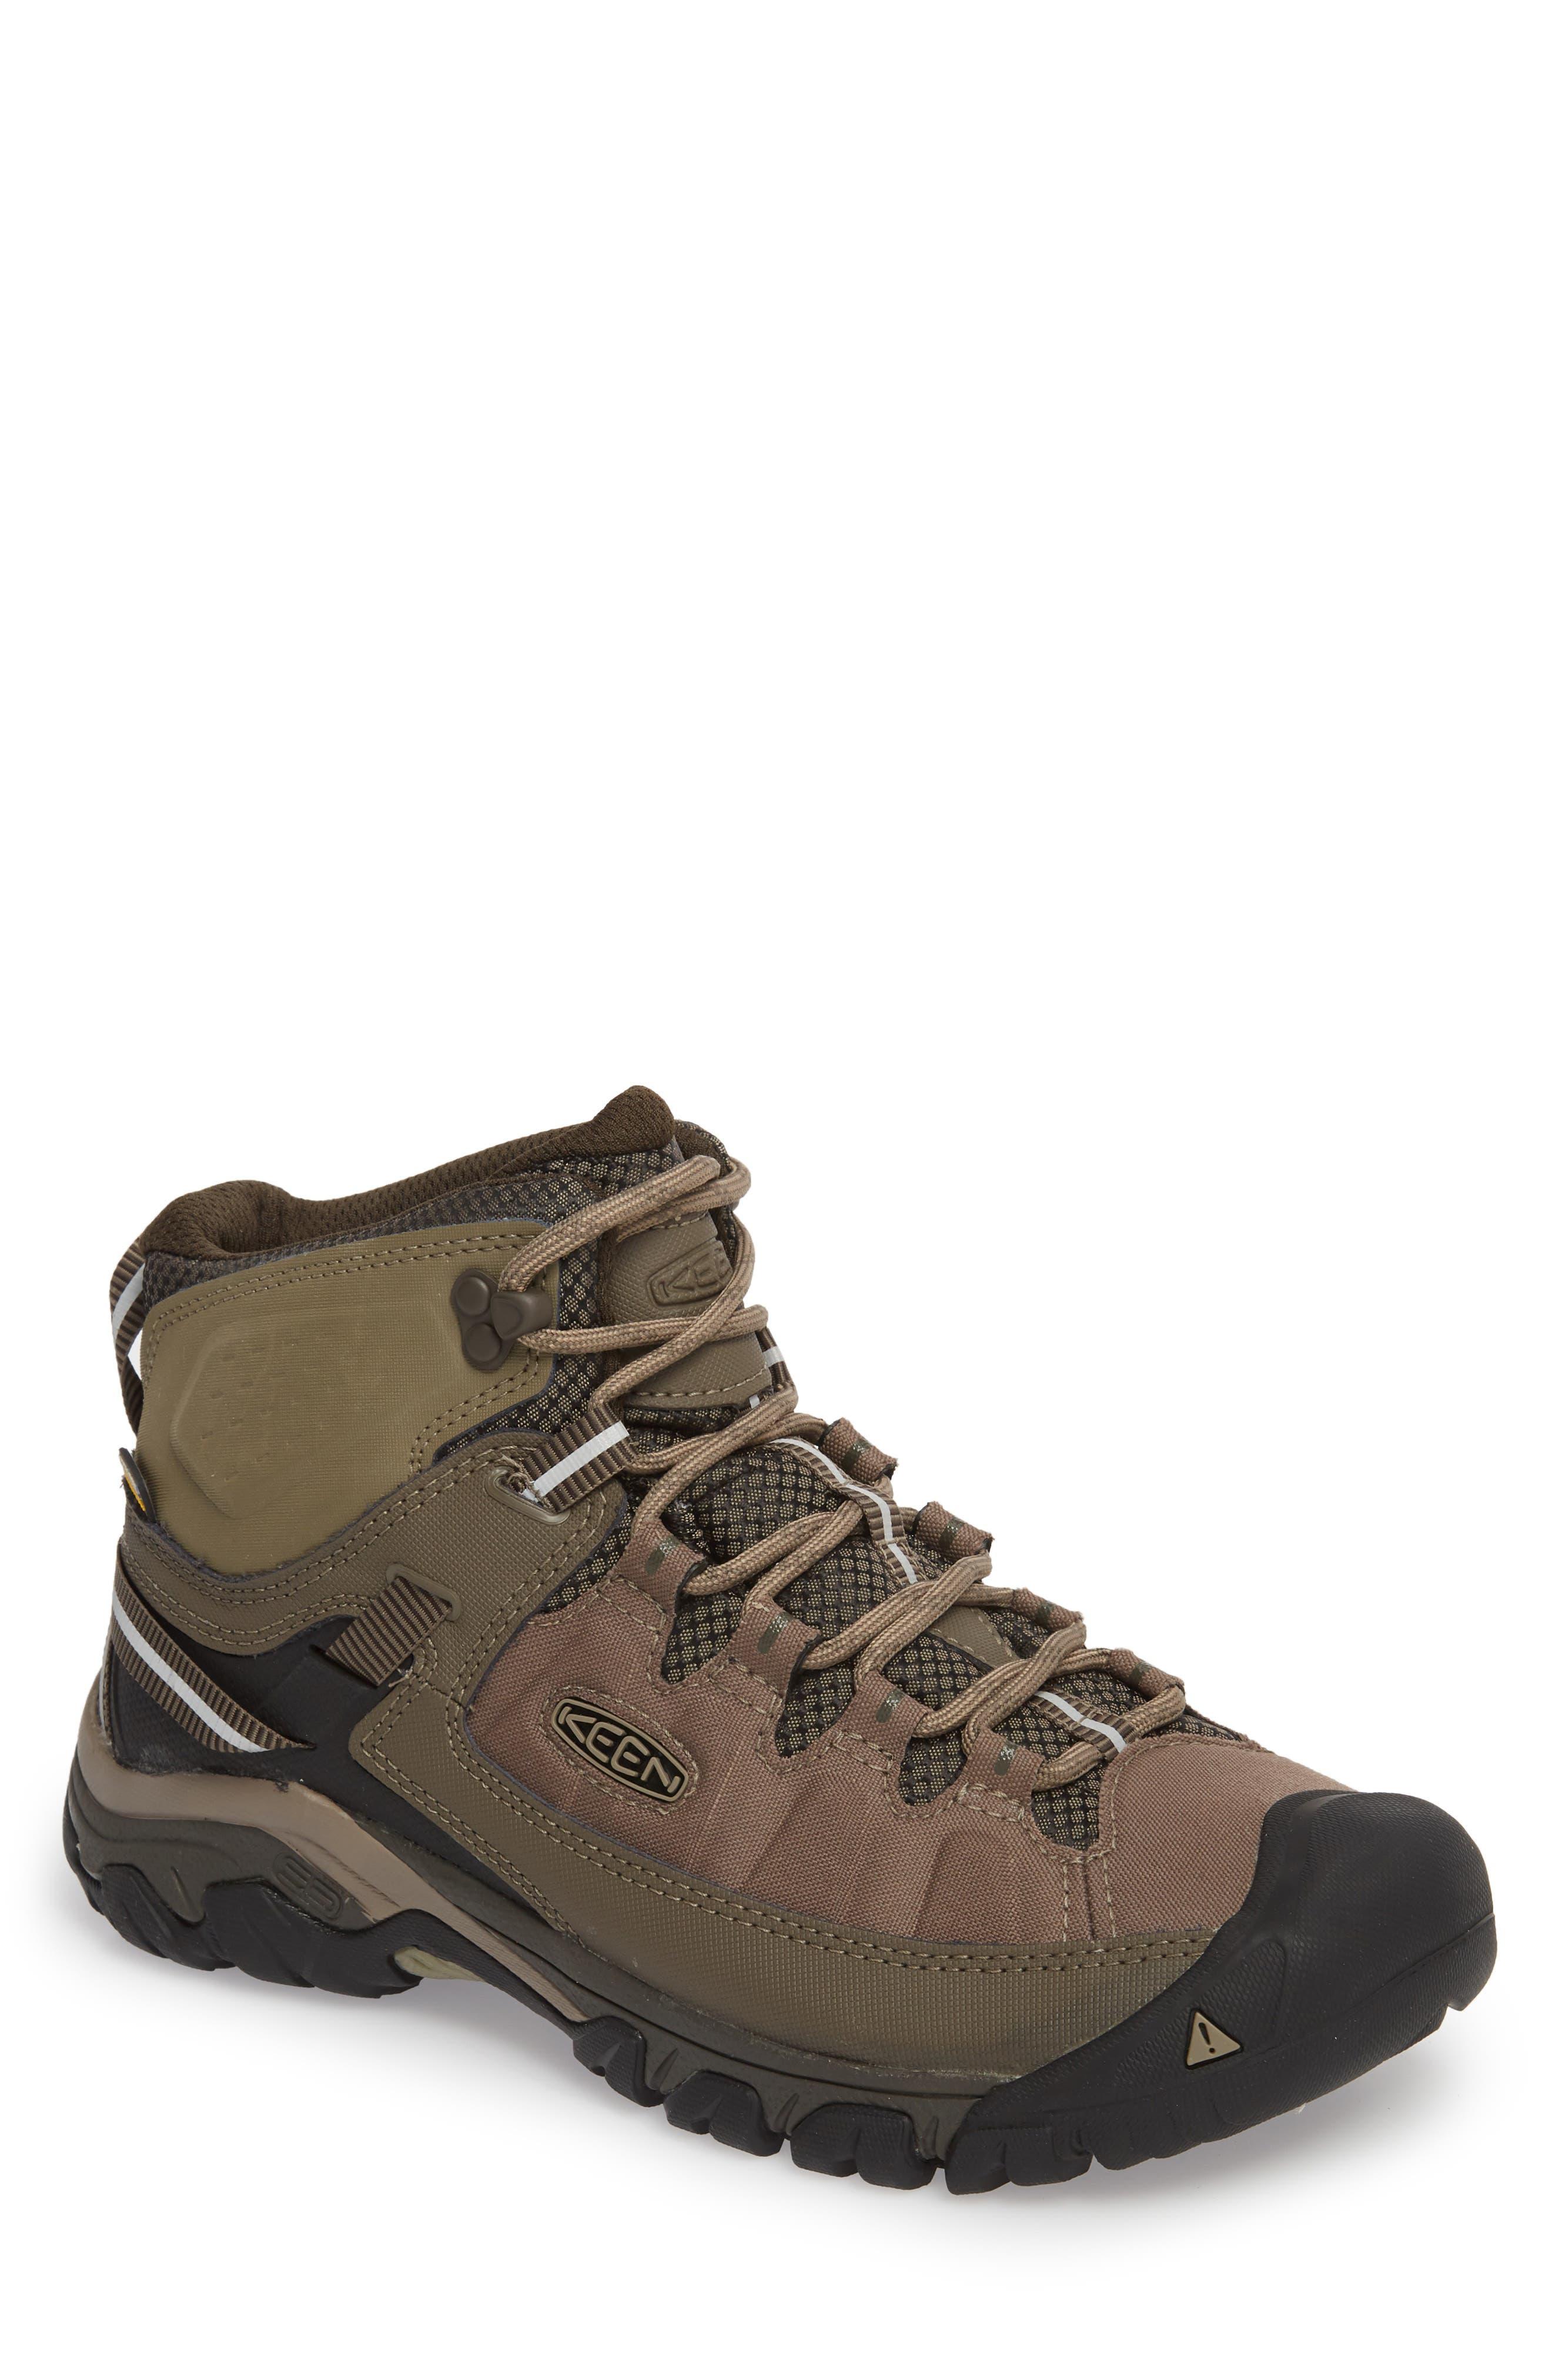 KEEN Targhee EXP Mid Waterproof Hiking Boot, Main, color, BUNGEE CORD/BRINDLE